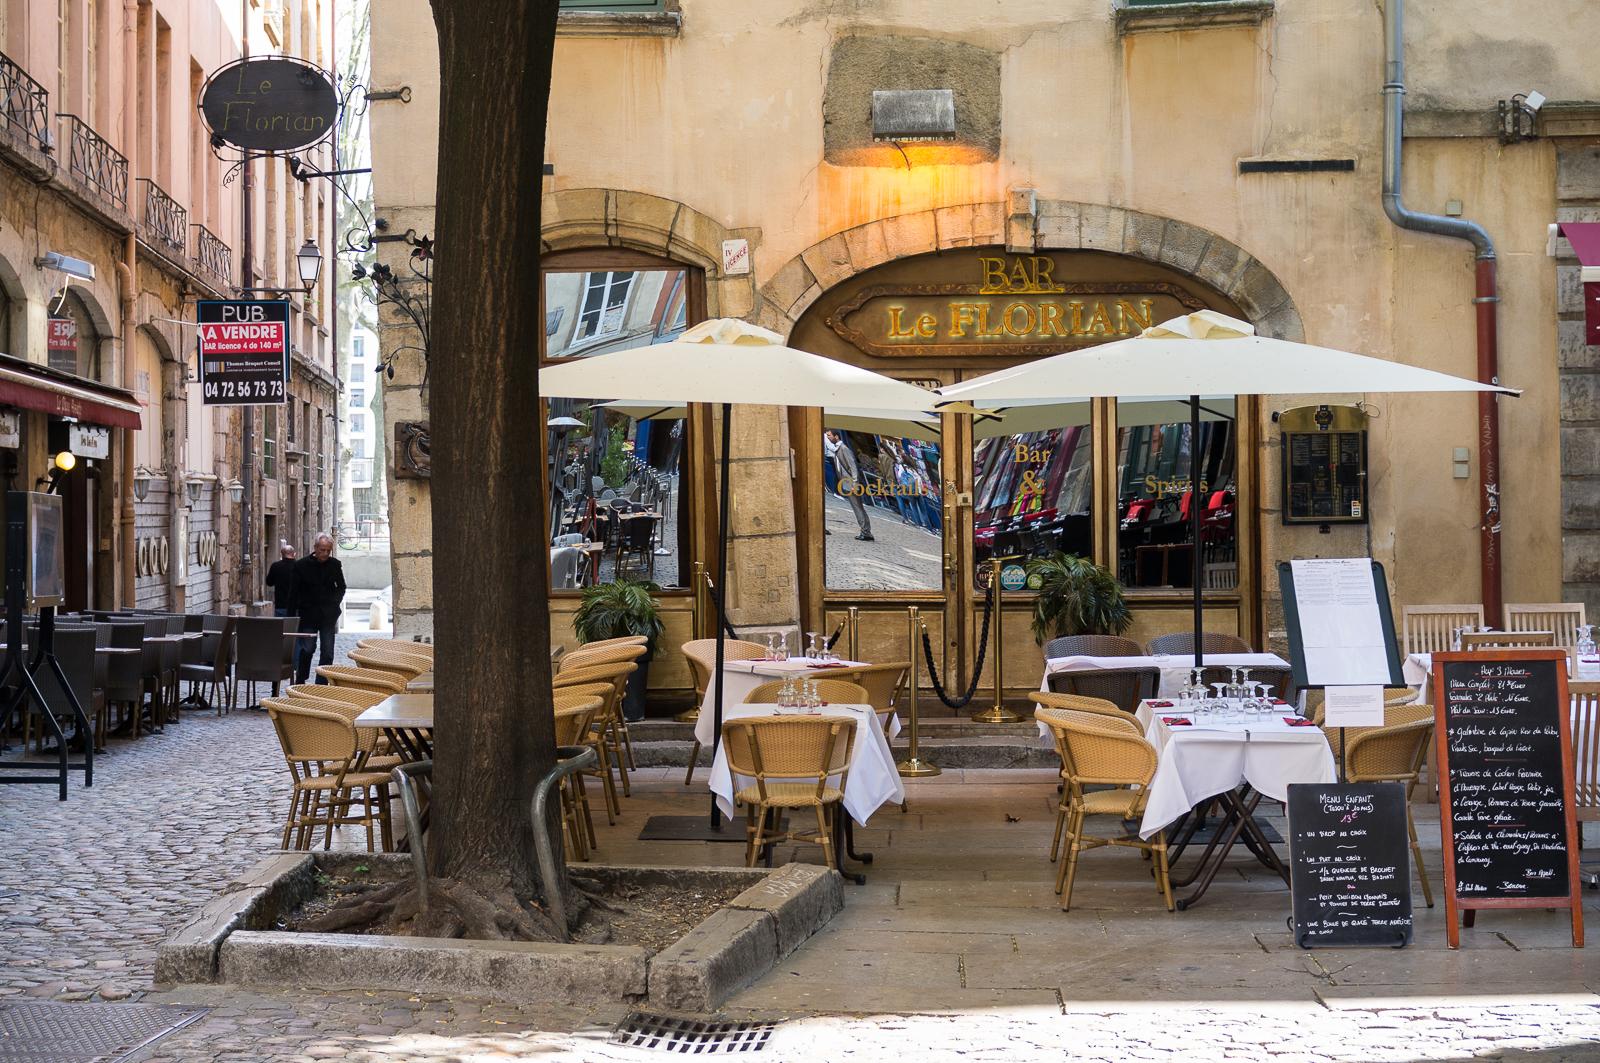 Le Florian (Vieux Lyon)